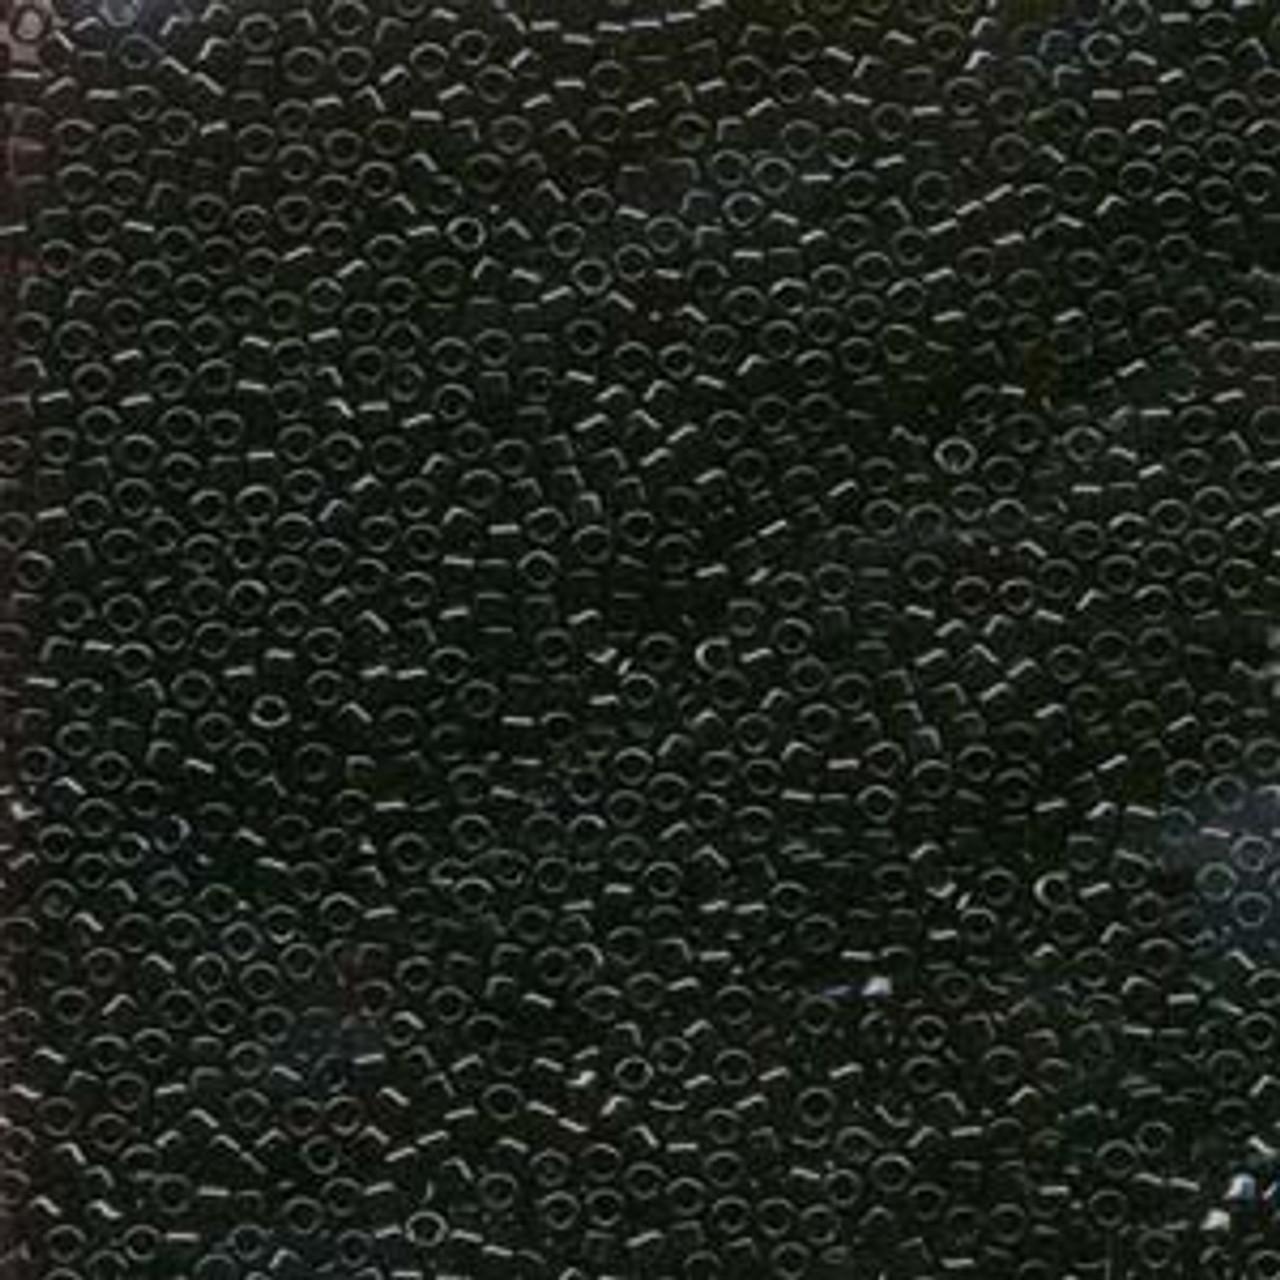 Black 11/0 Delica Beads db010 (8 Grams)